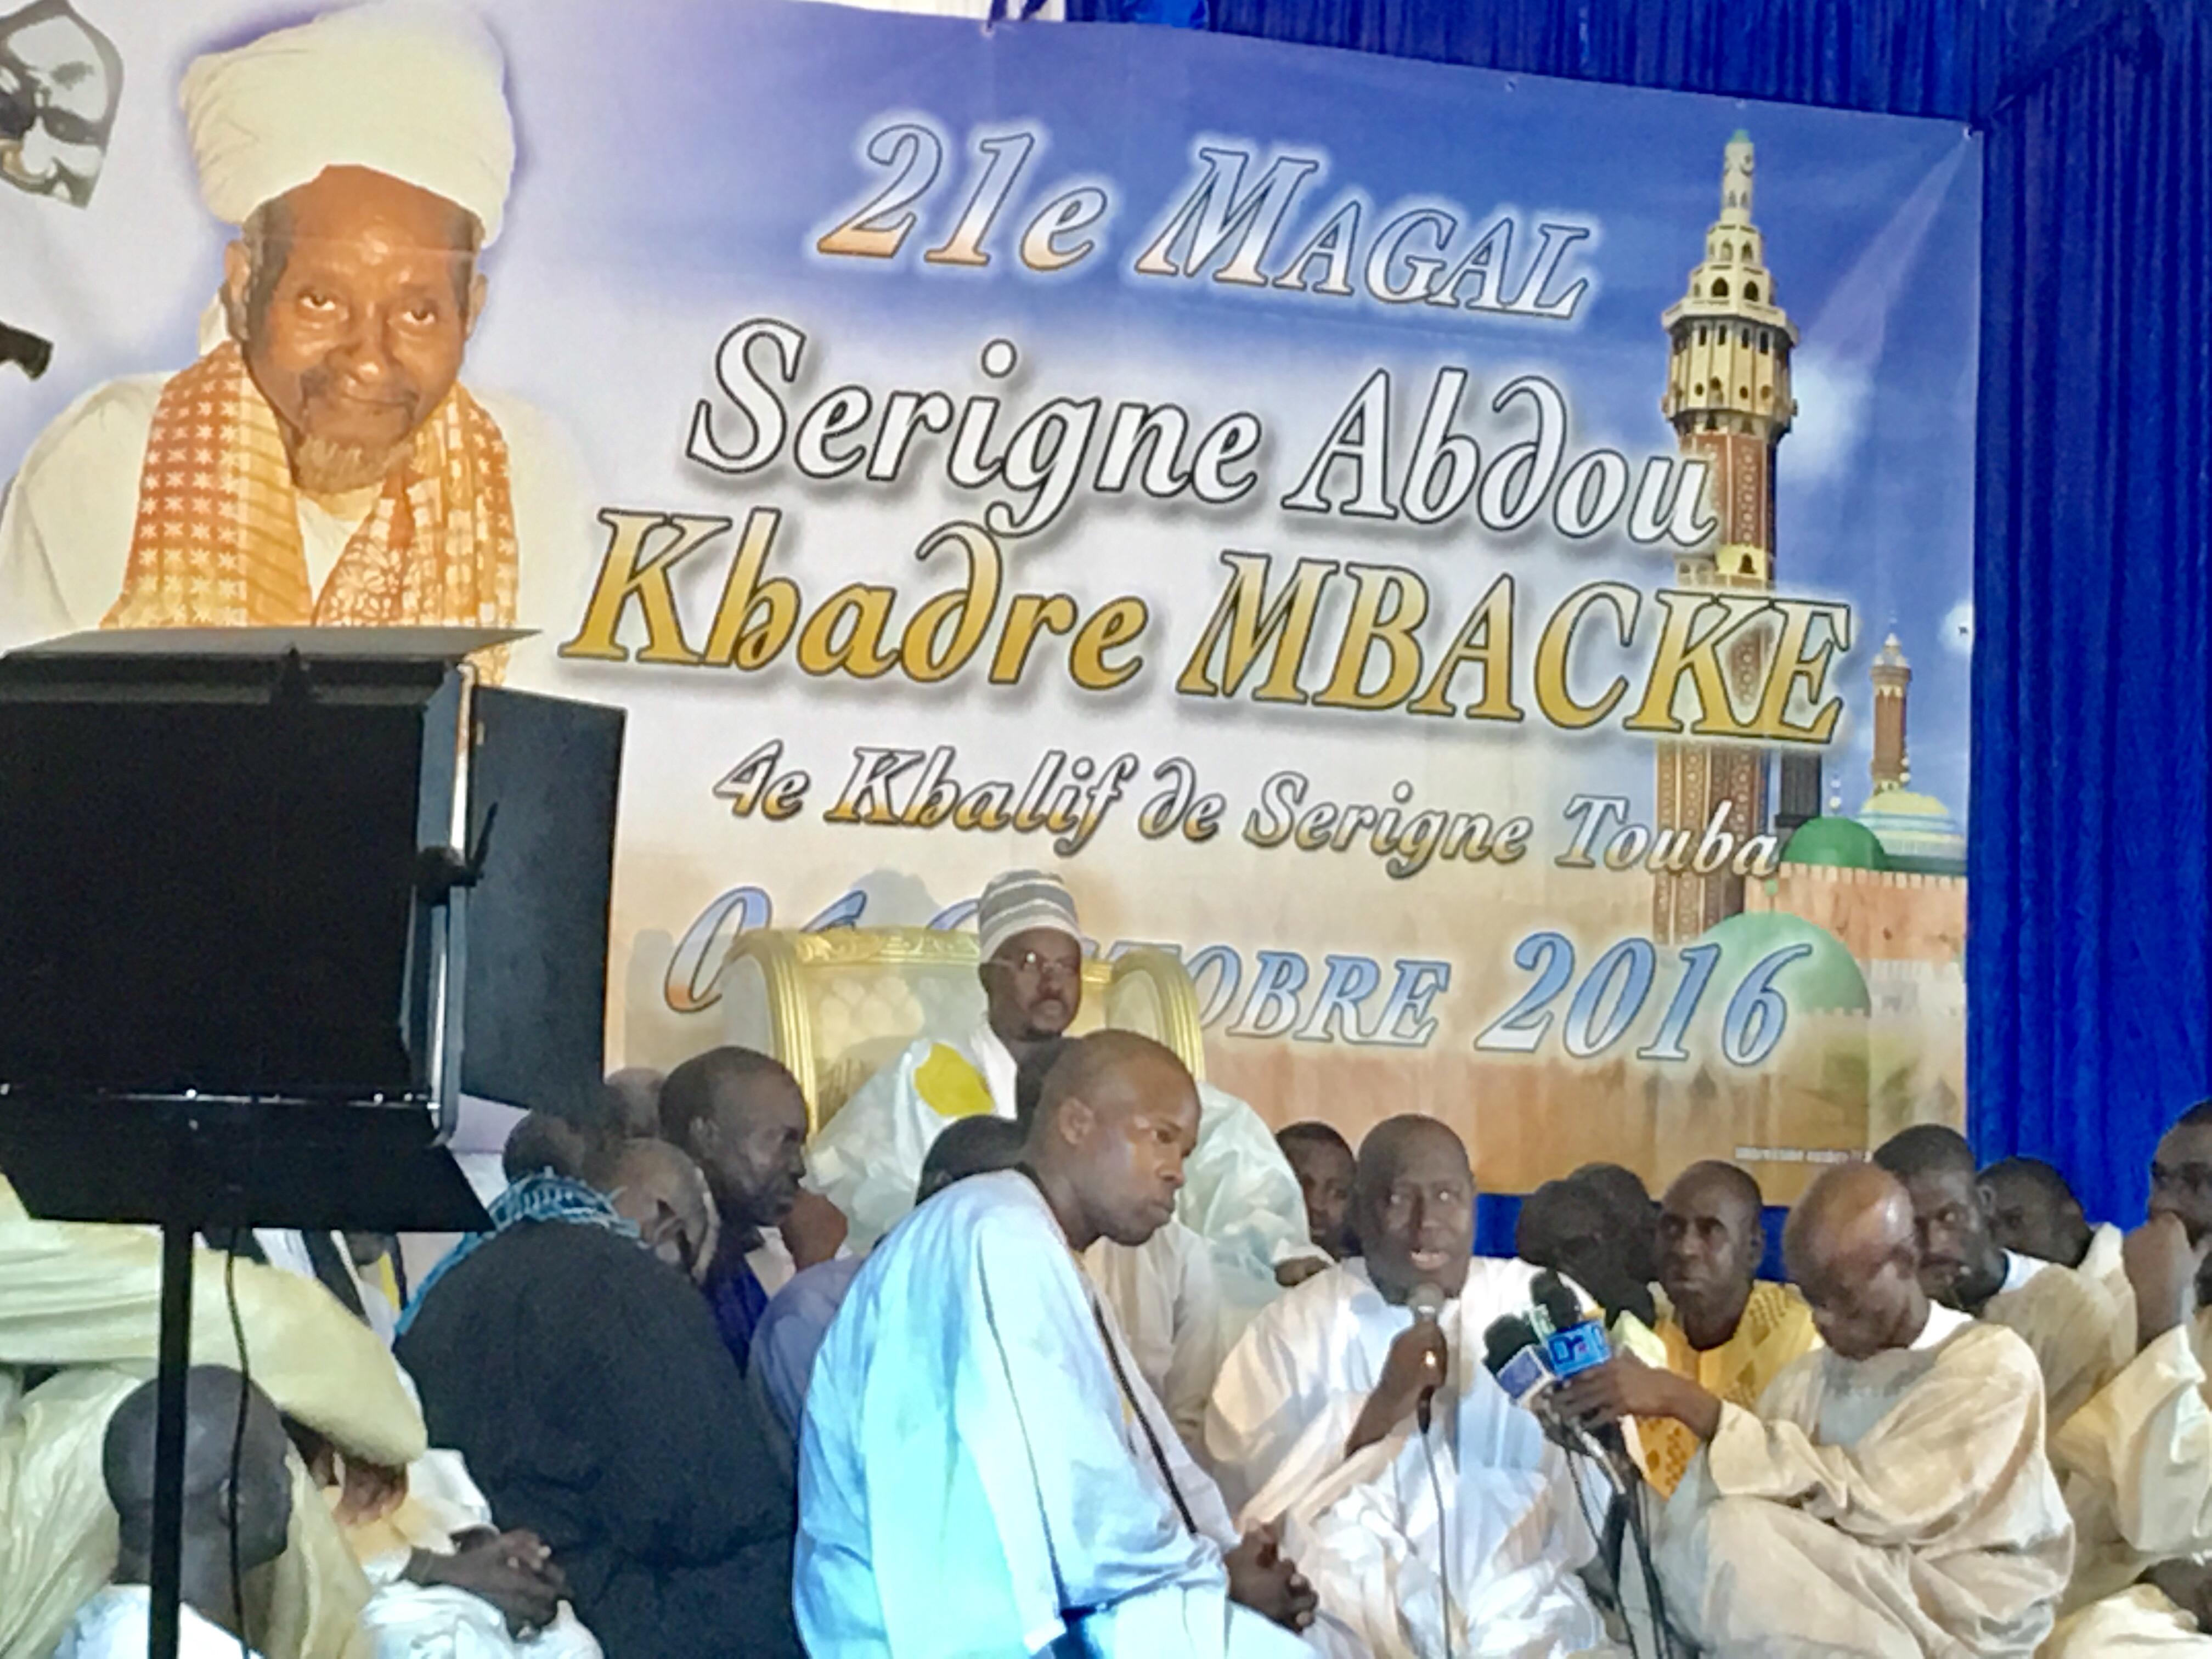 """CHEIKH BASS ABDOU KHADRE : """" Travailler pour Serigne Touba est un privilège et un sacerdoce '"""